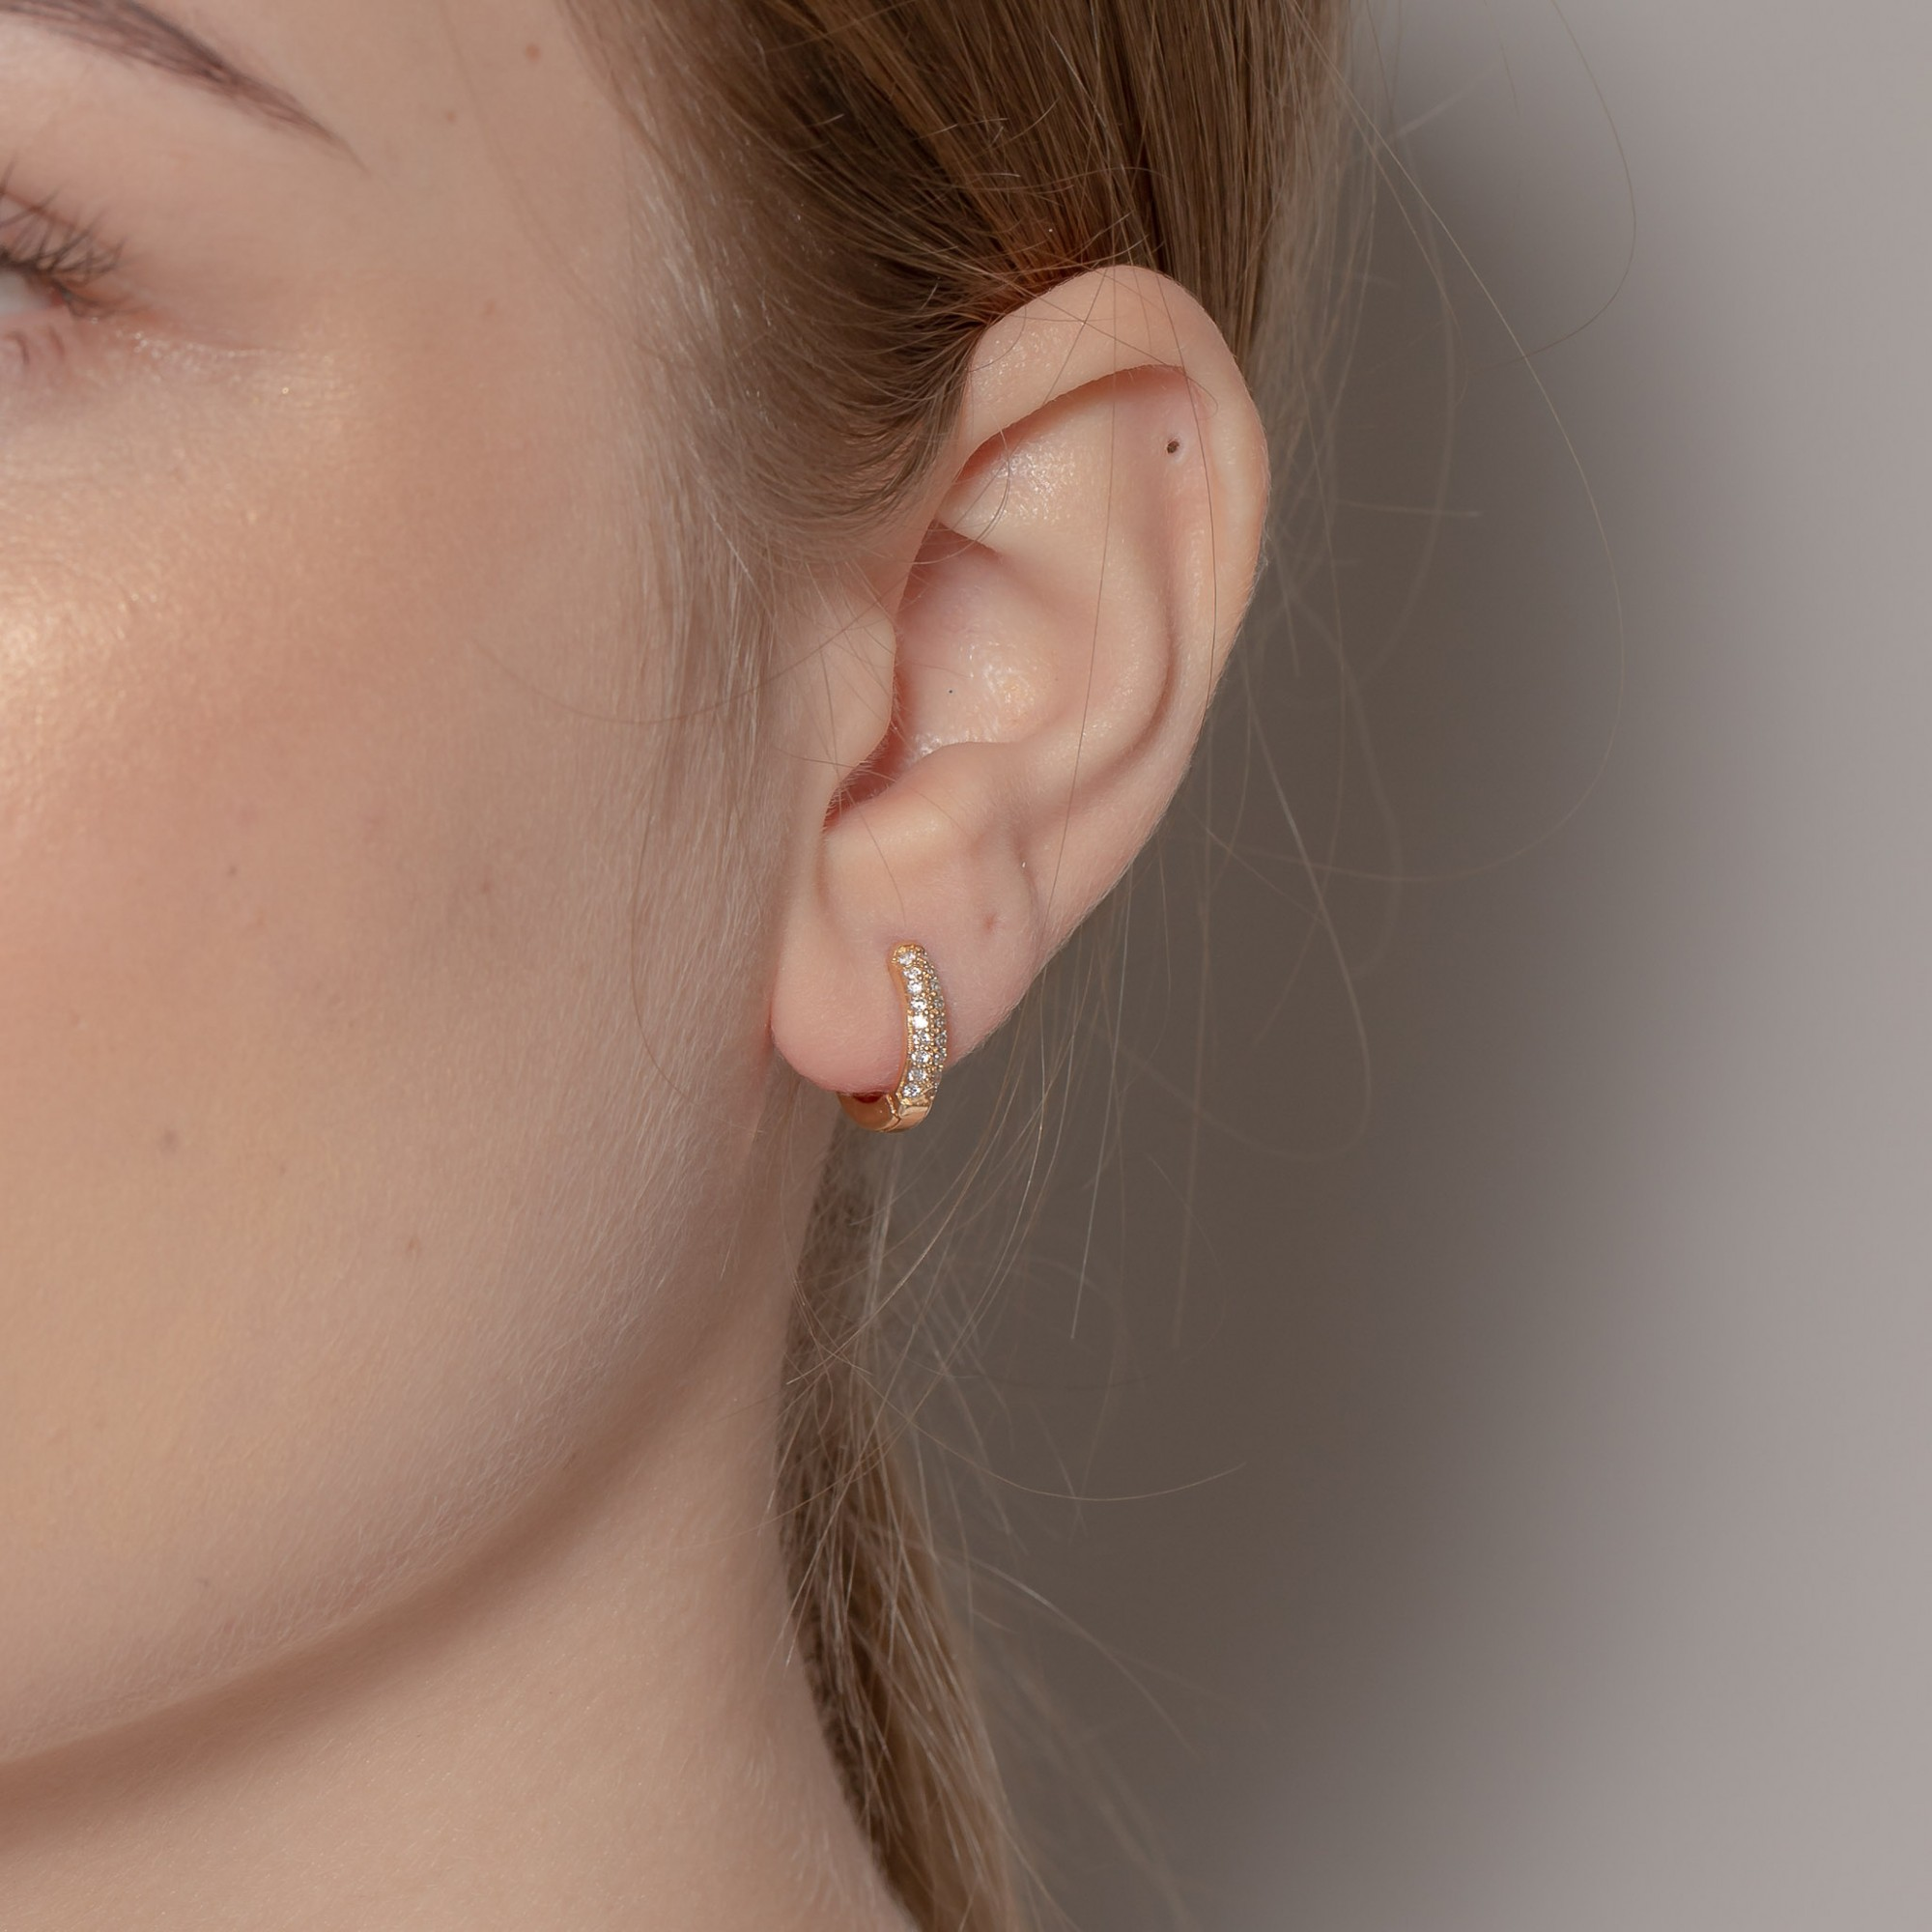 Argola de clique 1 cm com duas fileiras de zircônias banhada a ouro 18k.  - romabrazil.com.br